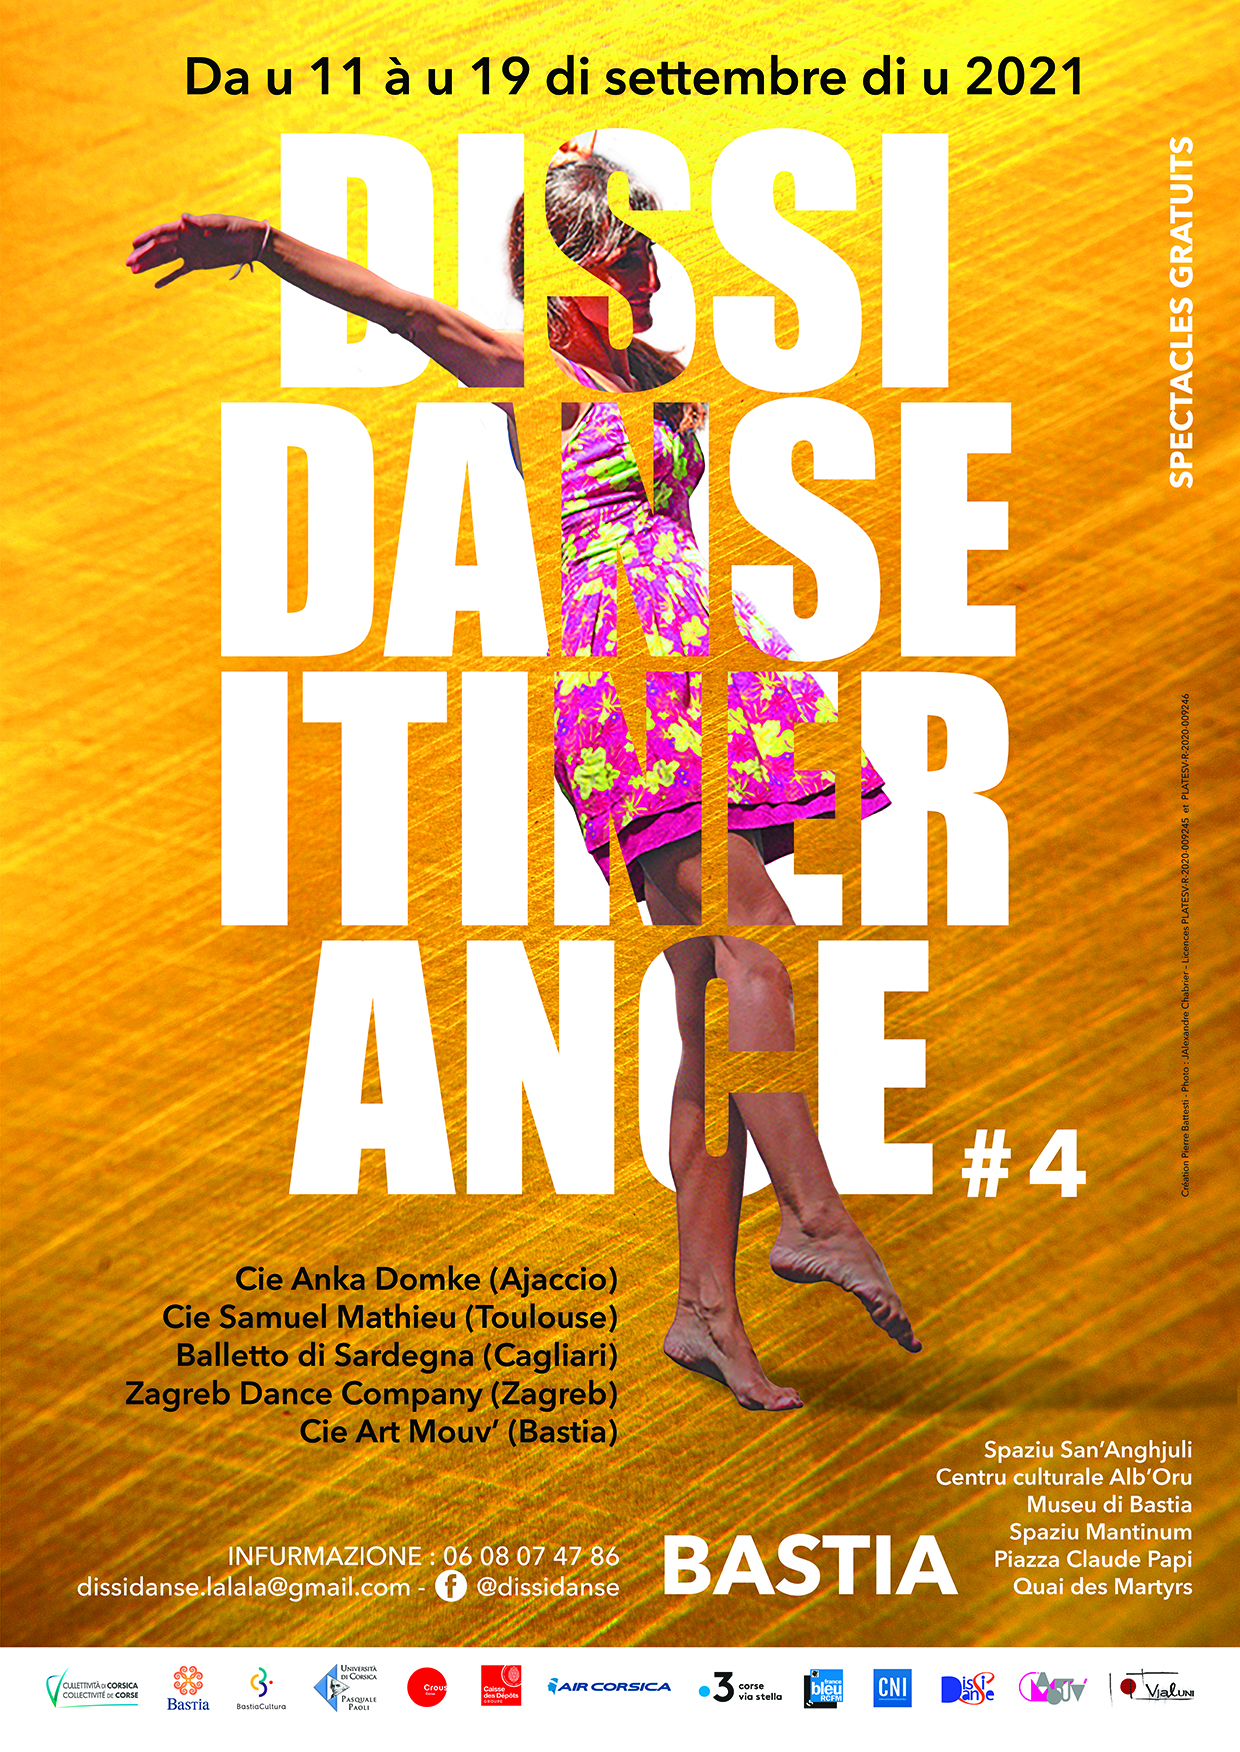 Le festival itinérant Dissidanse est à Bastia du 11 au 19 septembre